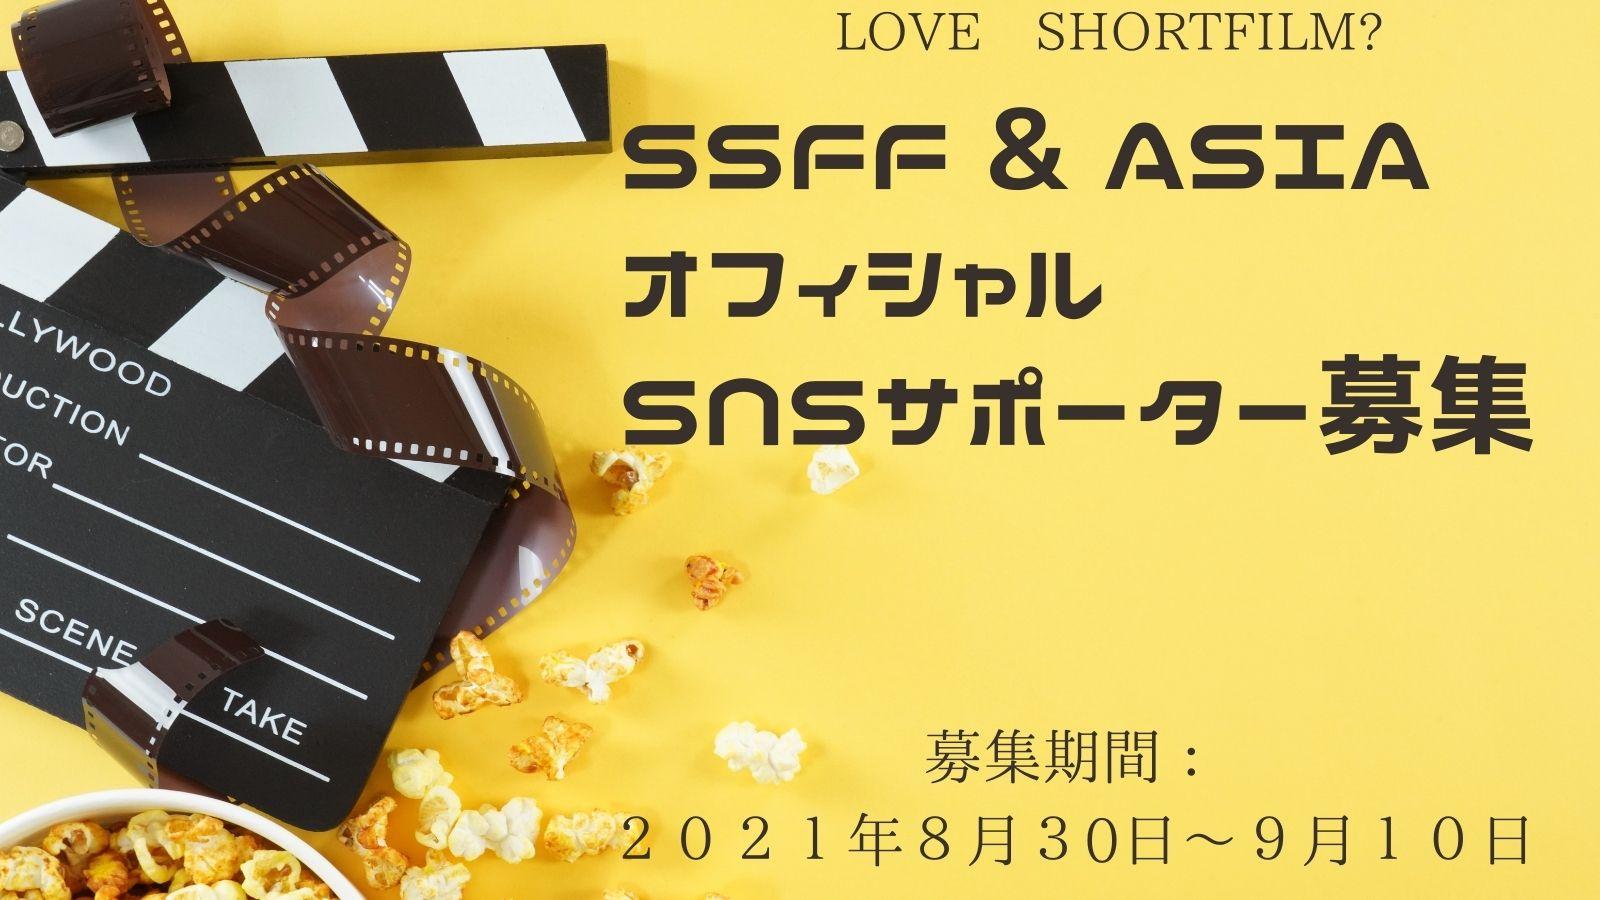 大丸有SDGs映画祭2021でショートフィルムプログラムを上映(チケット販売